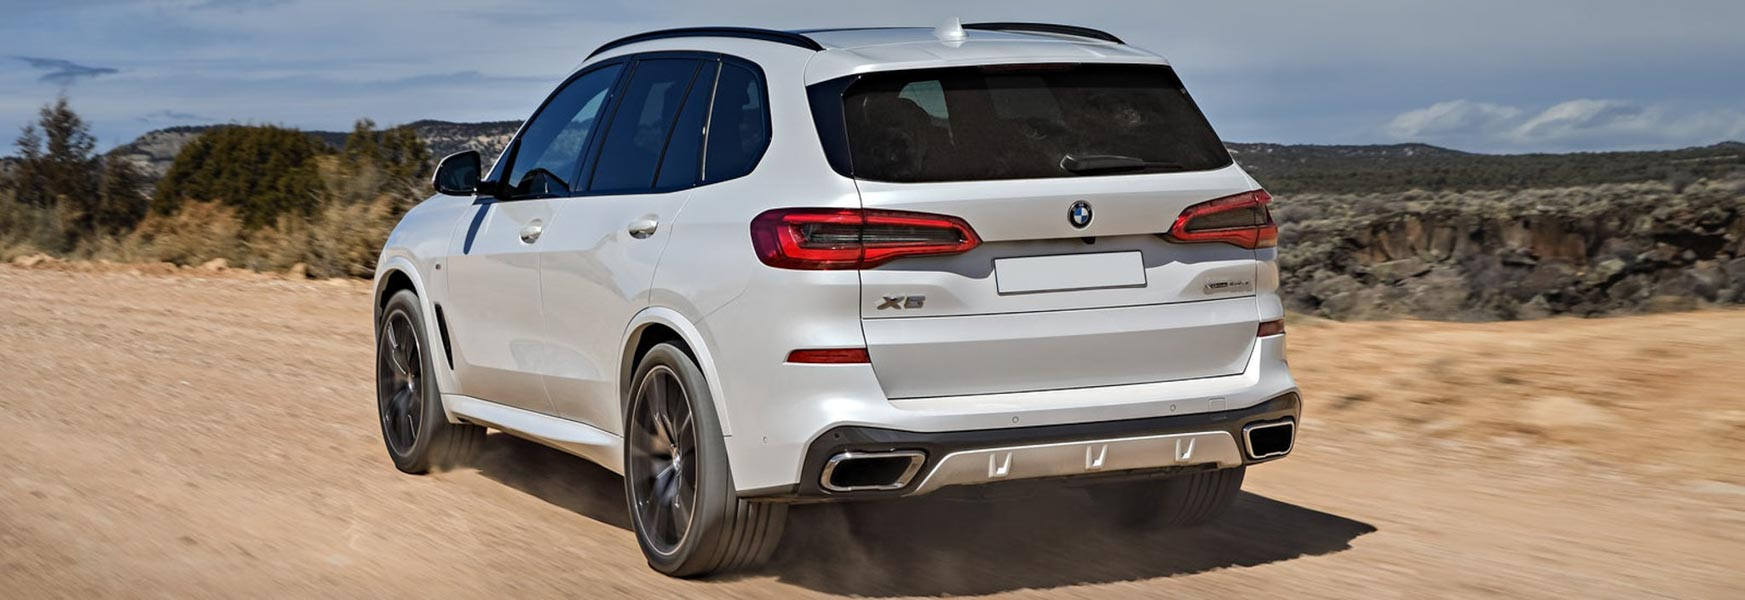 BMW X6 thế hệ mới trông như thế nào khi lấy cảm hứng từ BMW X5 2019? - 10